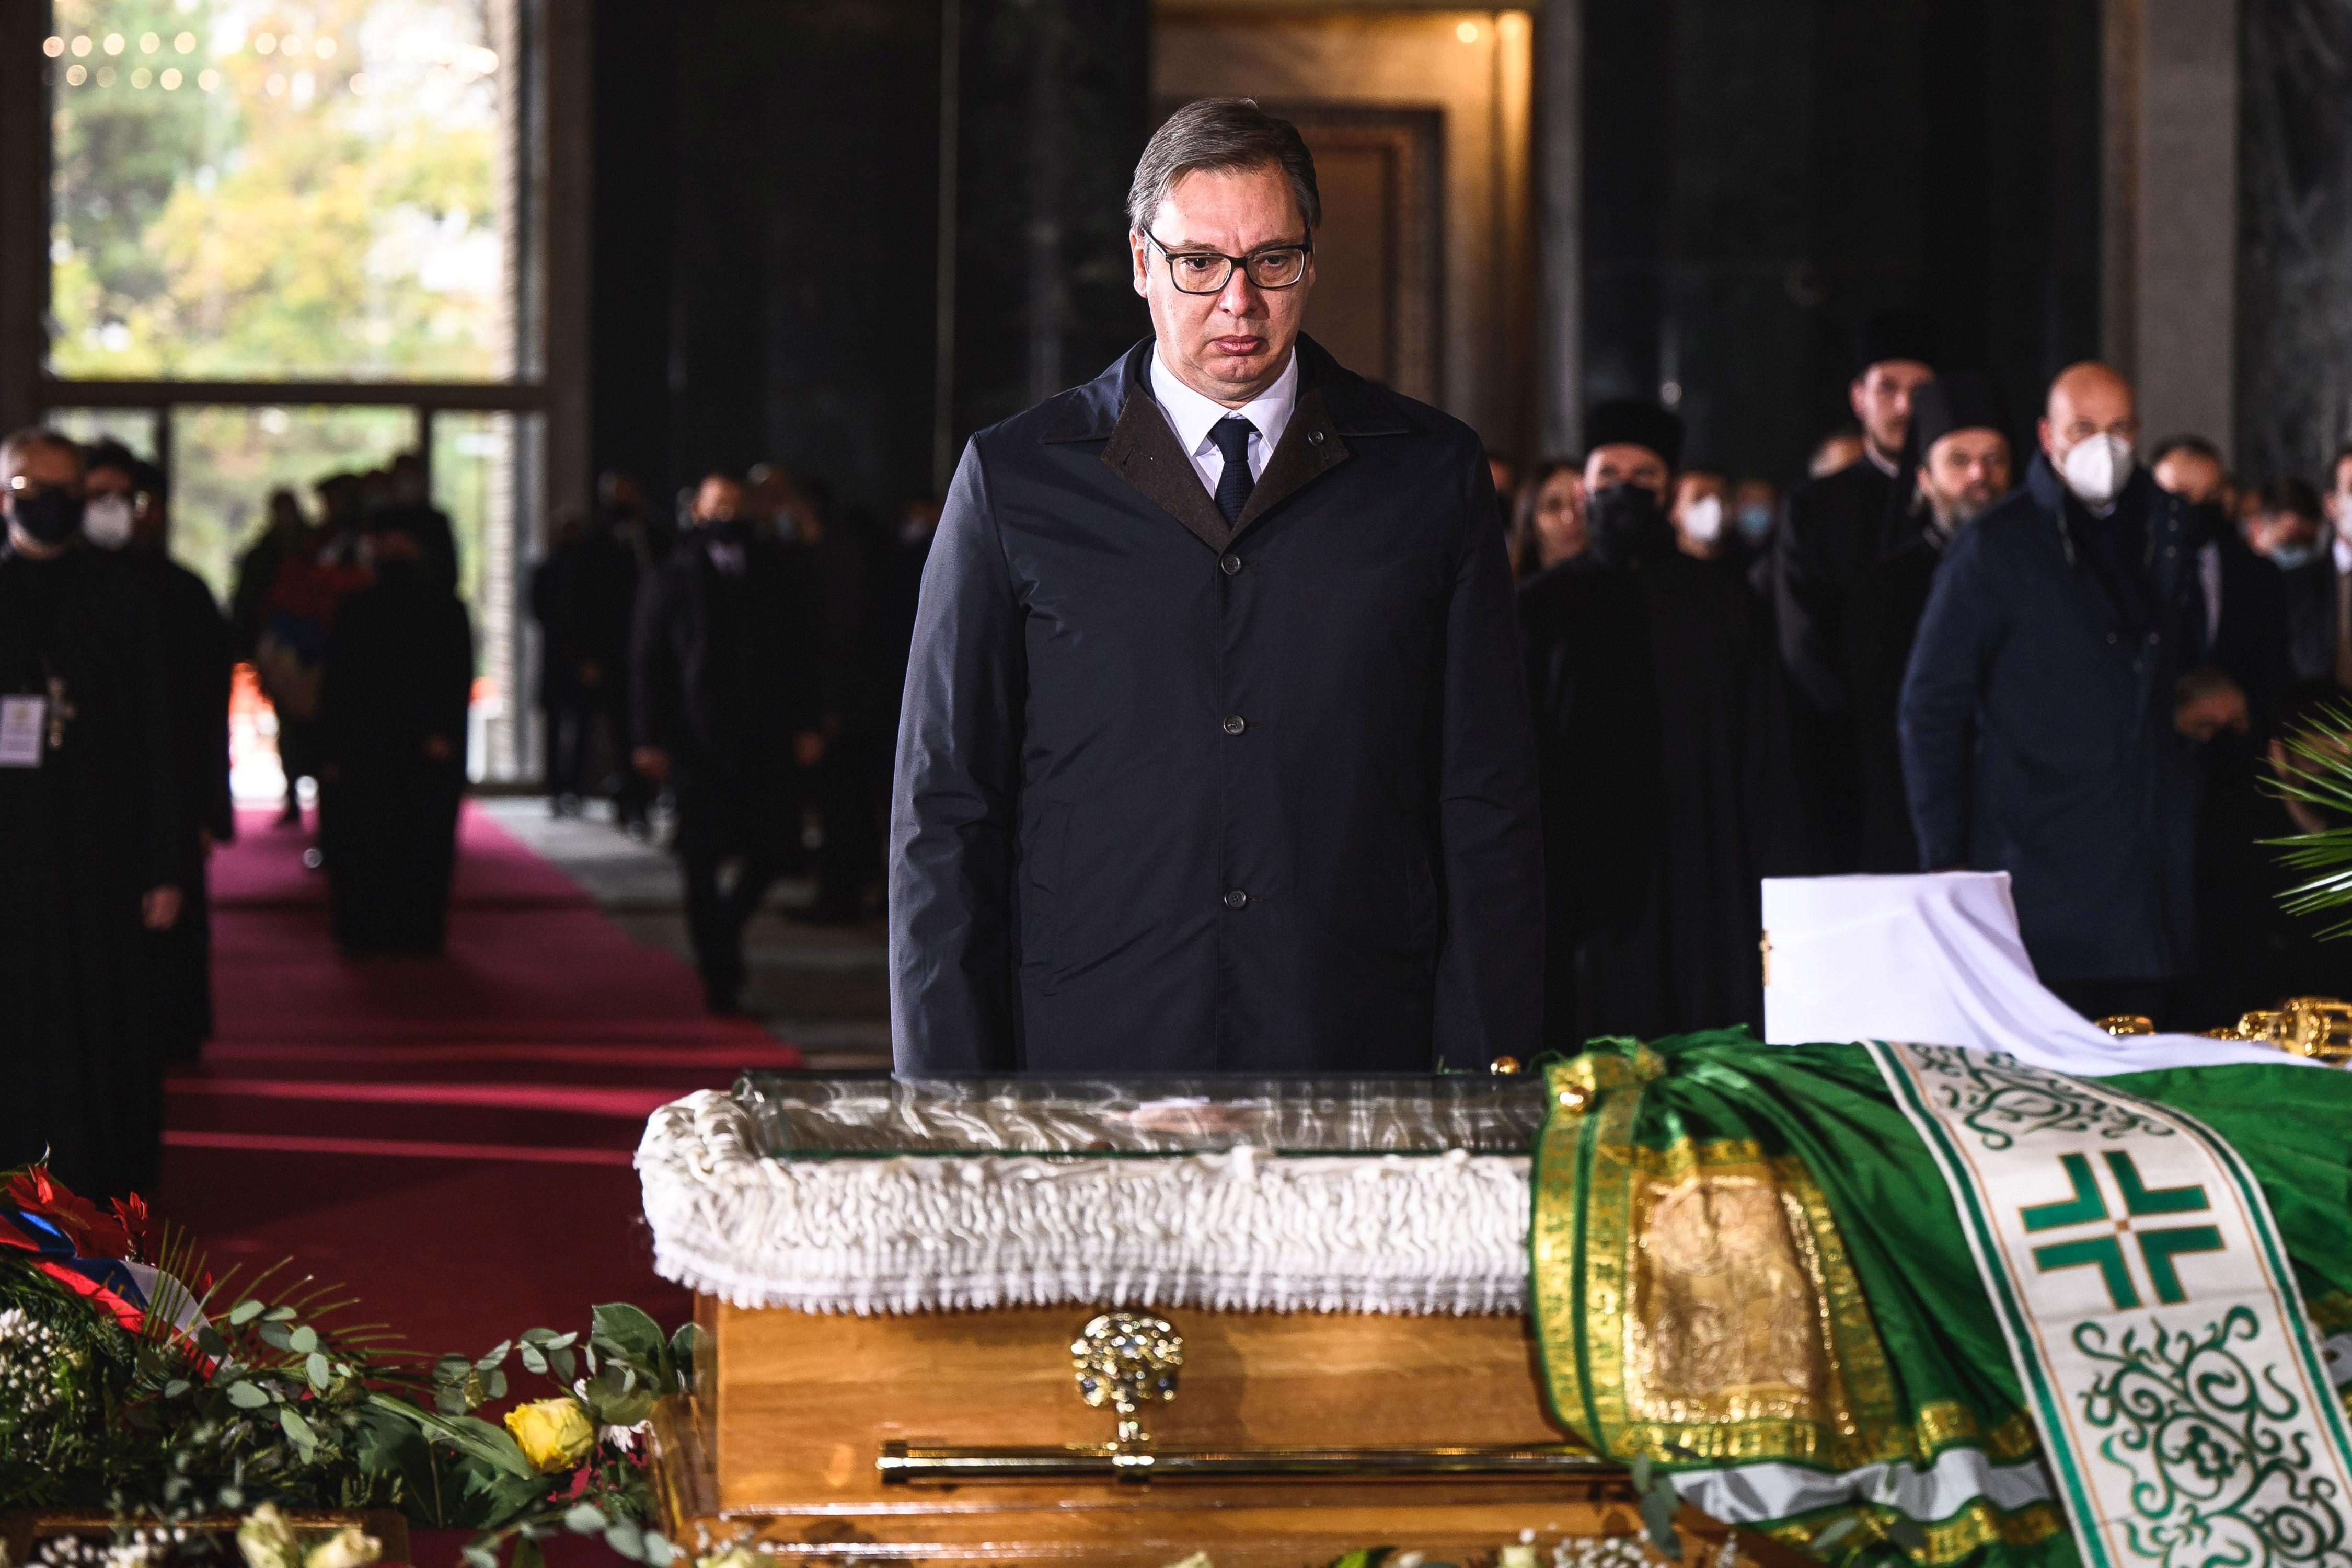 A járványszkeptikus montenegrói pátriárka temetésén megfertőződött szerb pátriárka temetésén is ezrek csókolgatták a koporsót